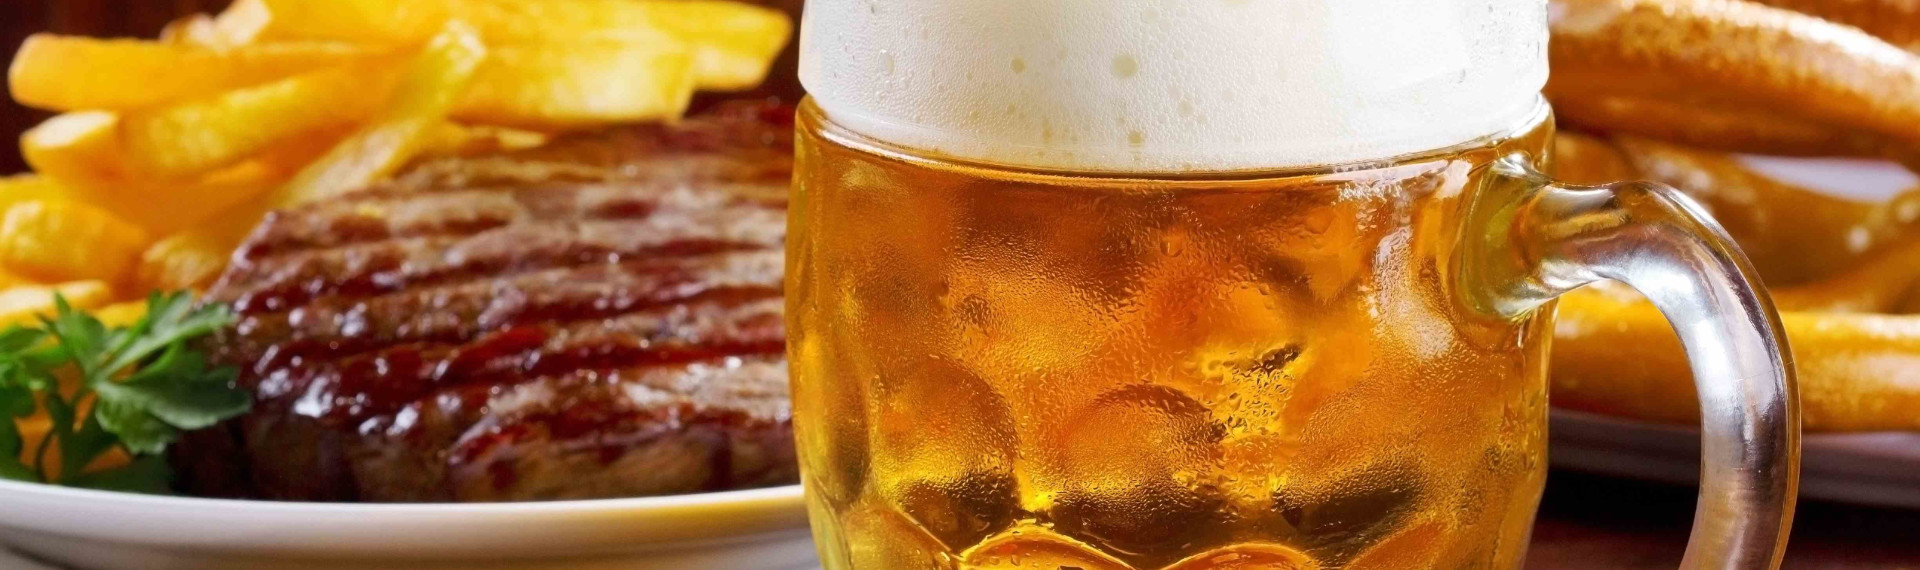 Steak und unbegrenzt Bier Bratislava